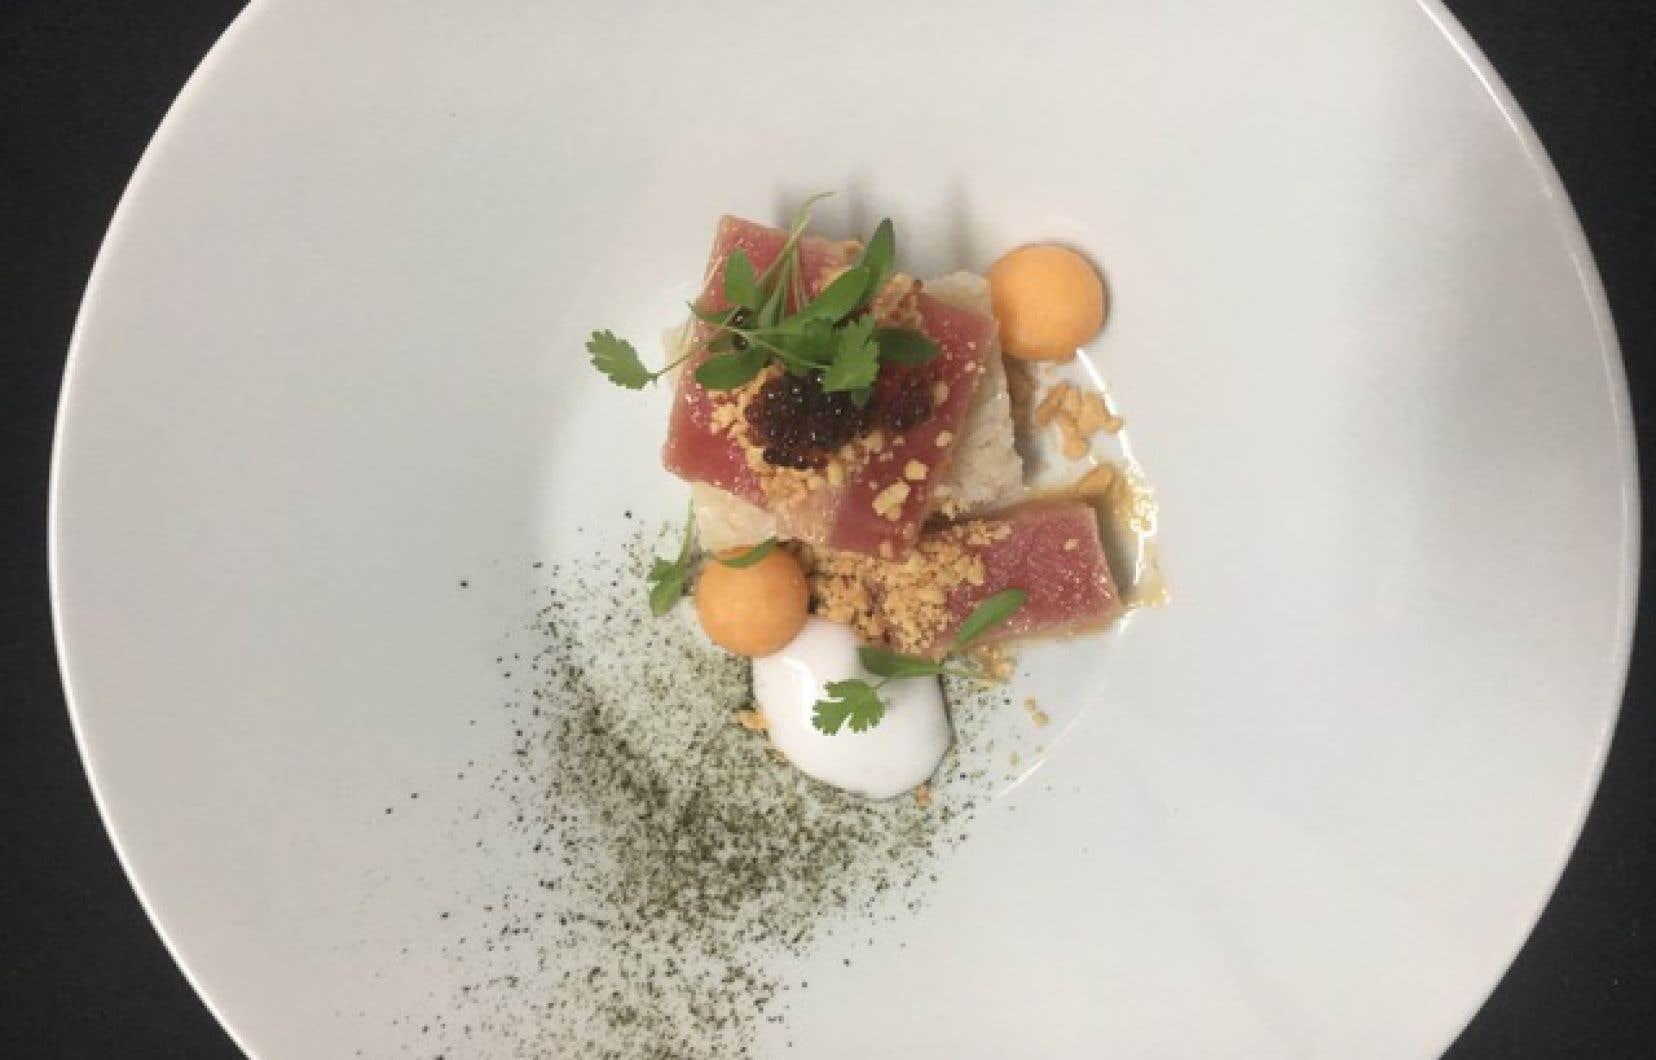 Le sashimi de thon cru mariné au ponzu, accompagné de riz au sésame, de cantaloup et d'une mousse de kaffir